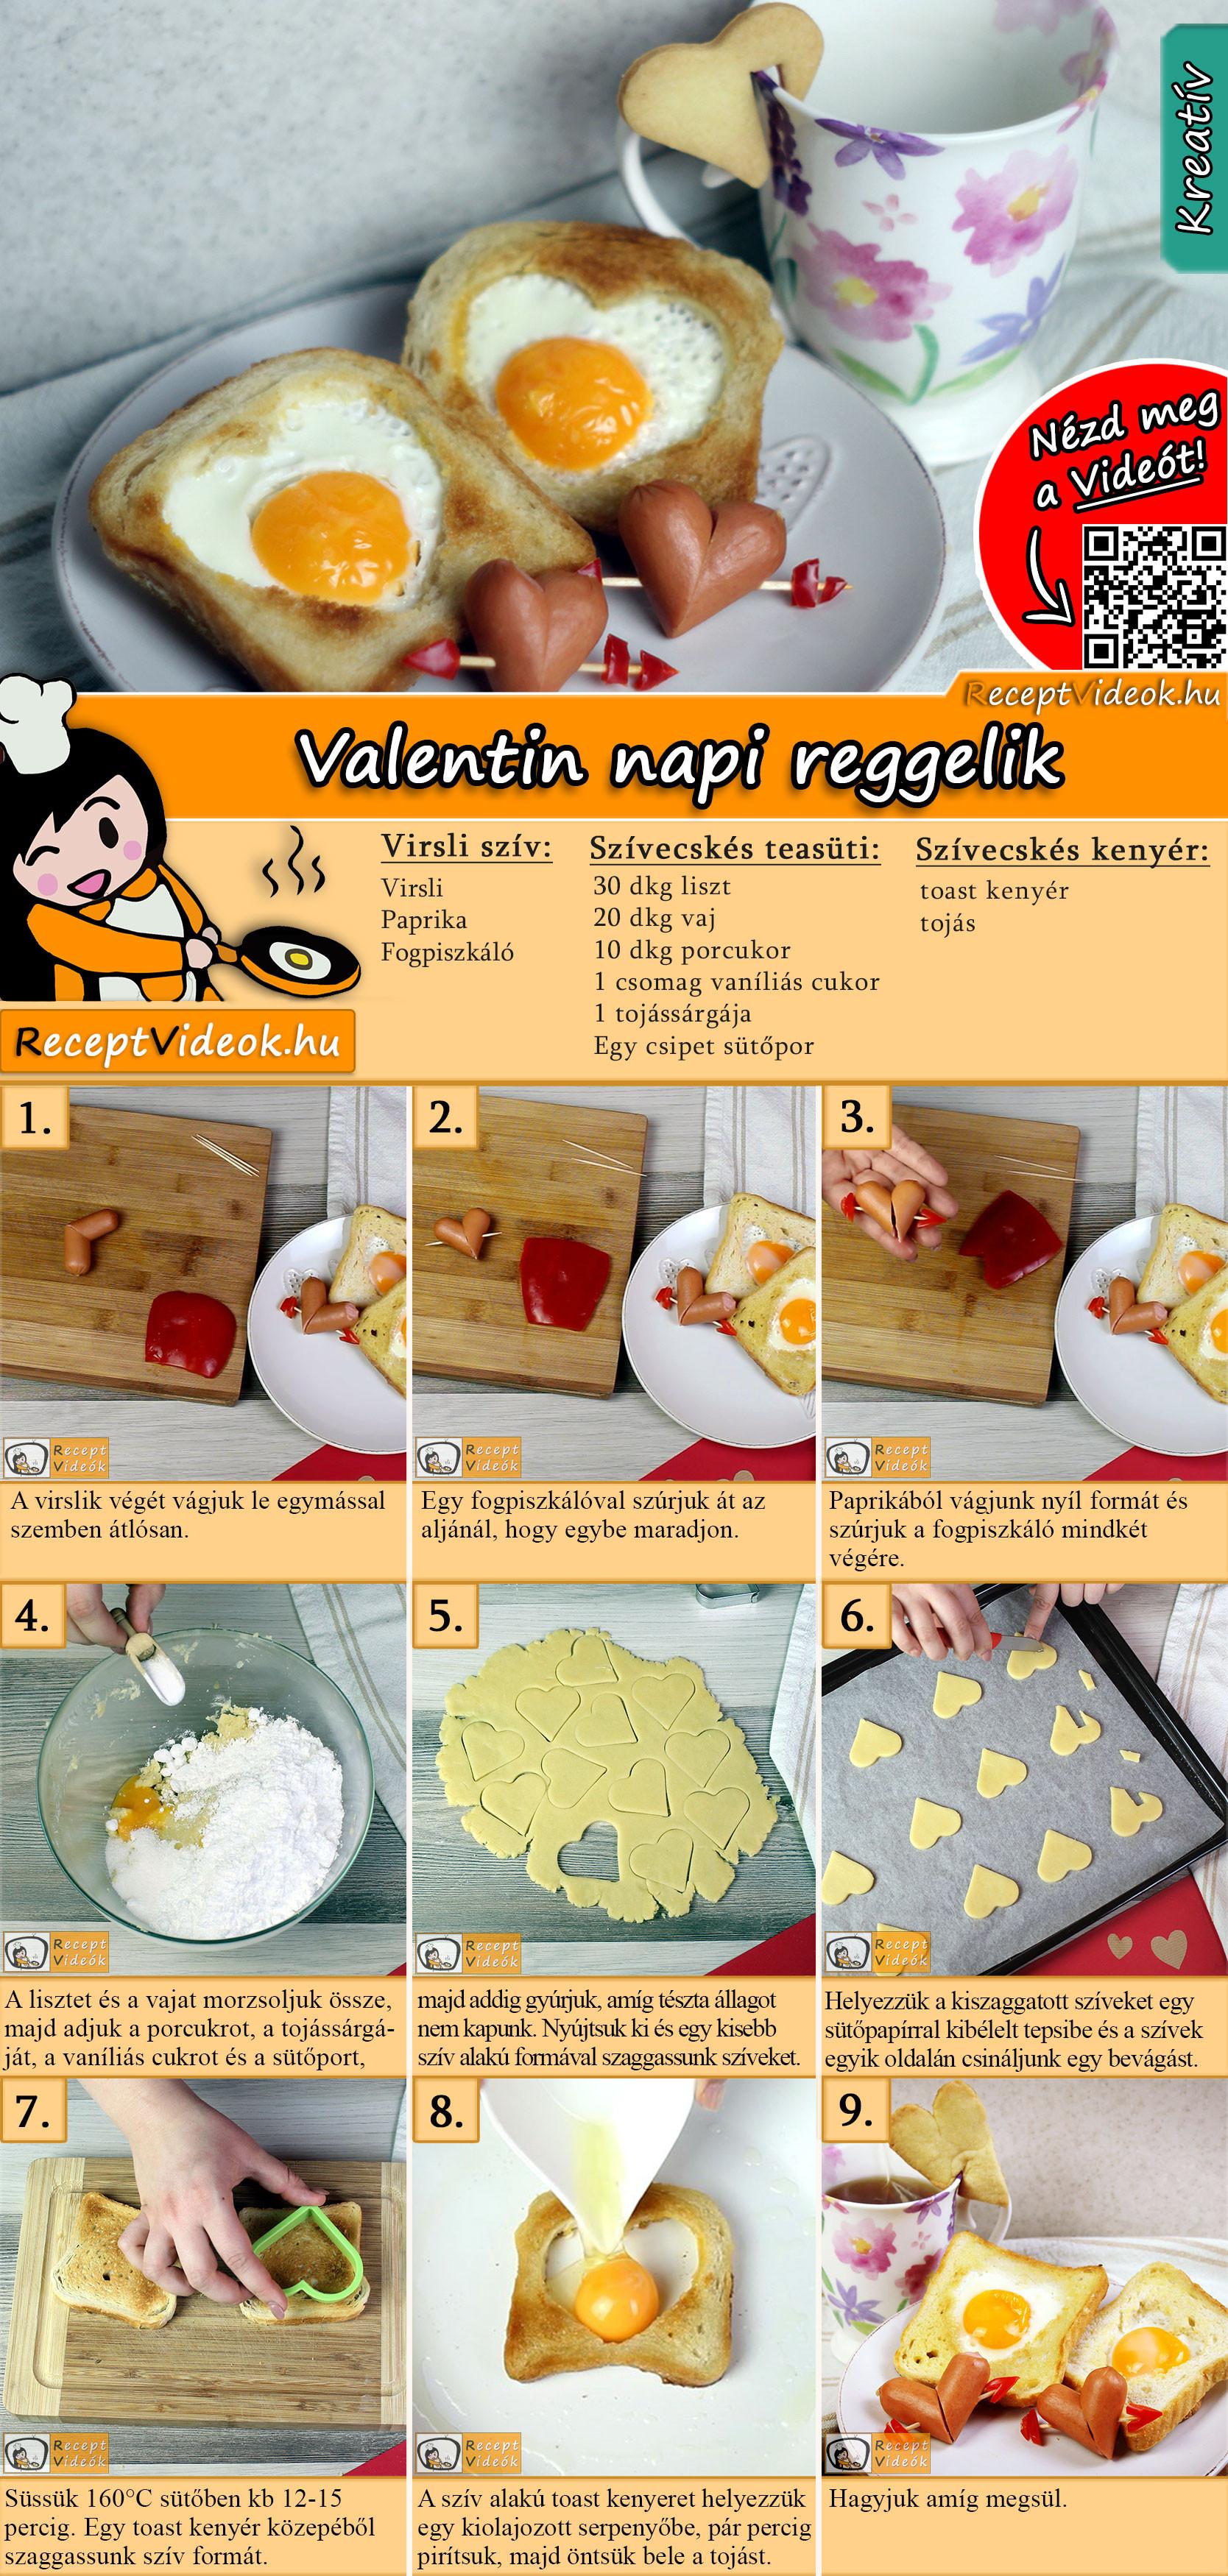 Valentin napi reggelik recept elkészítése videóval